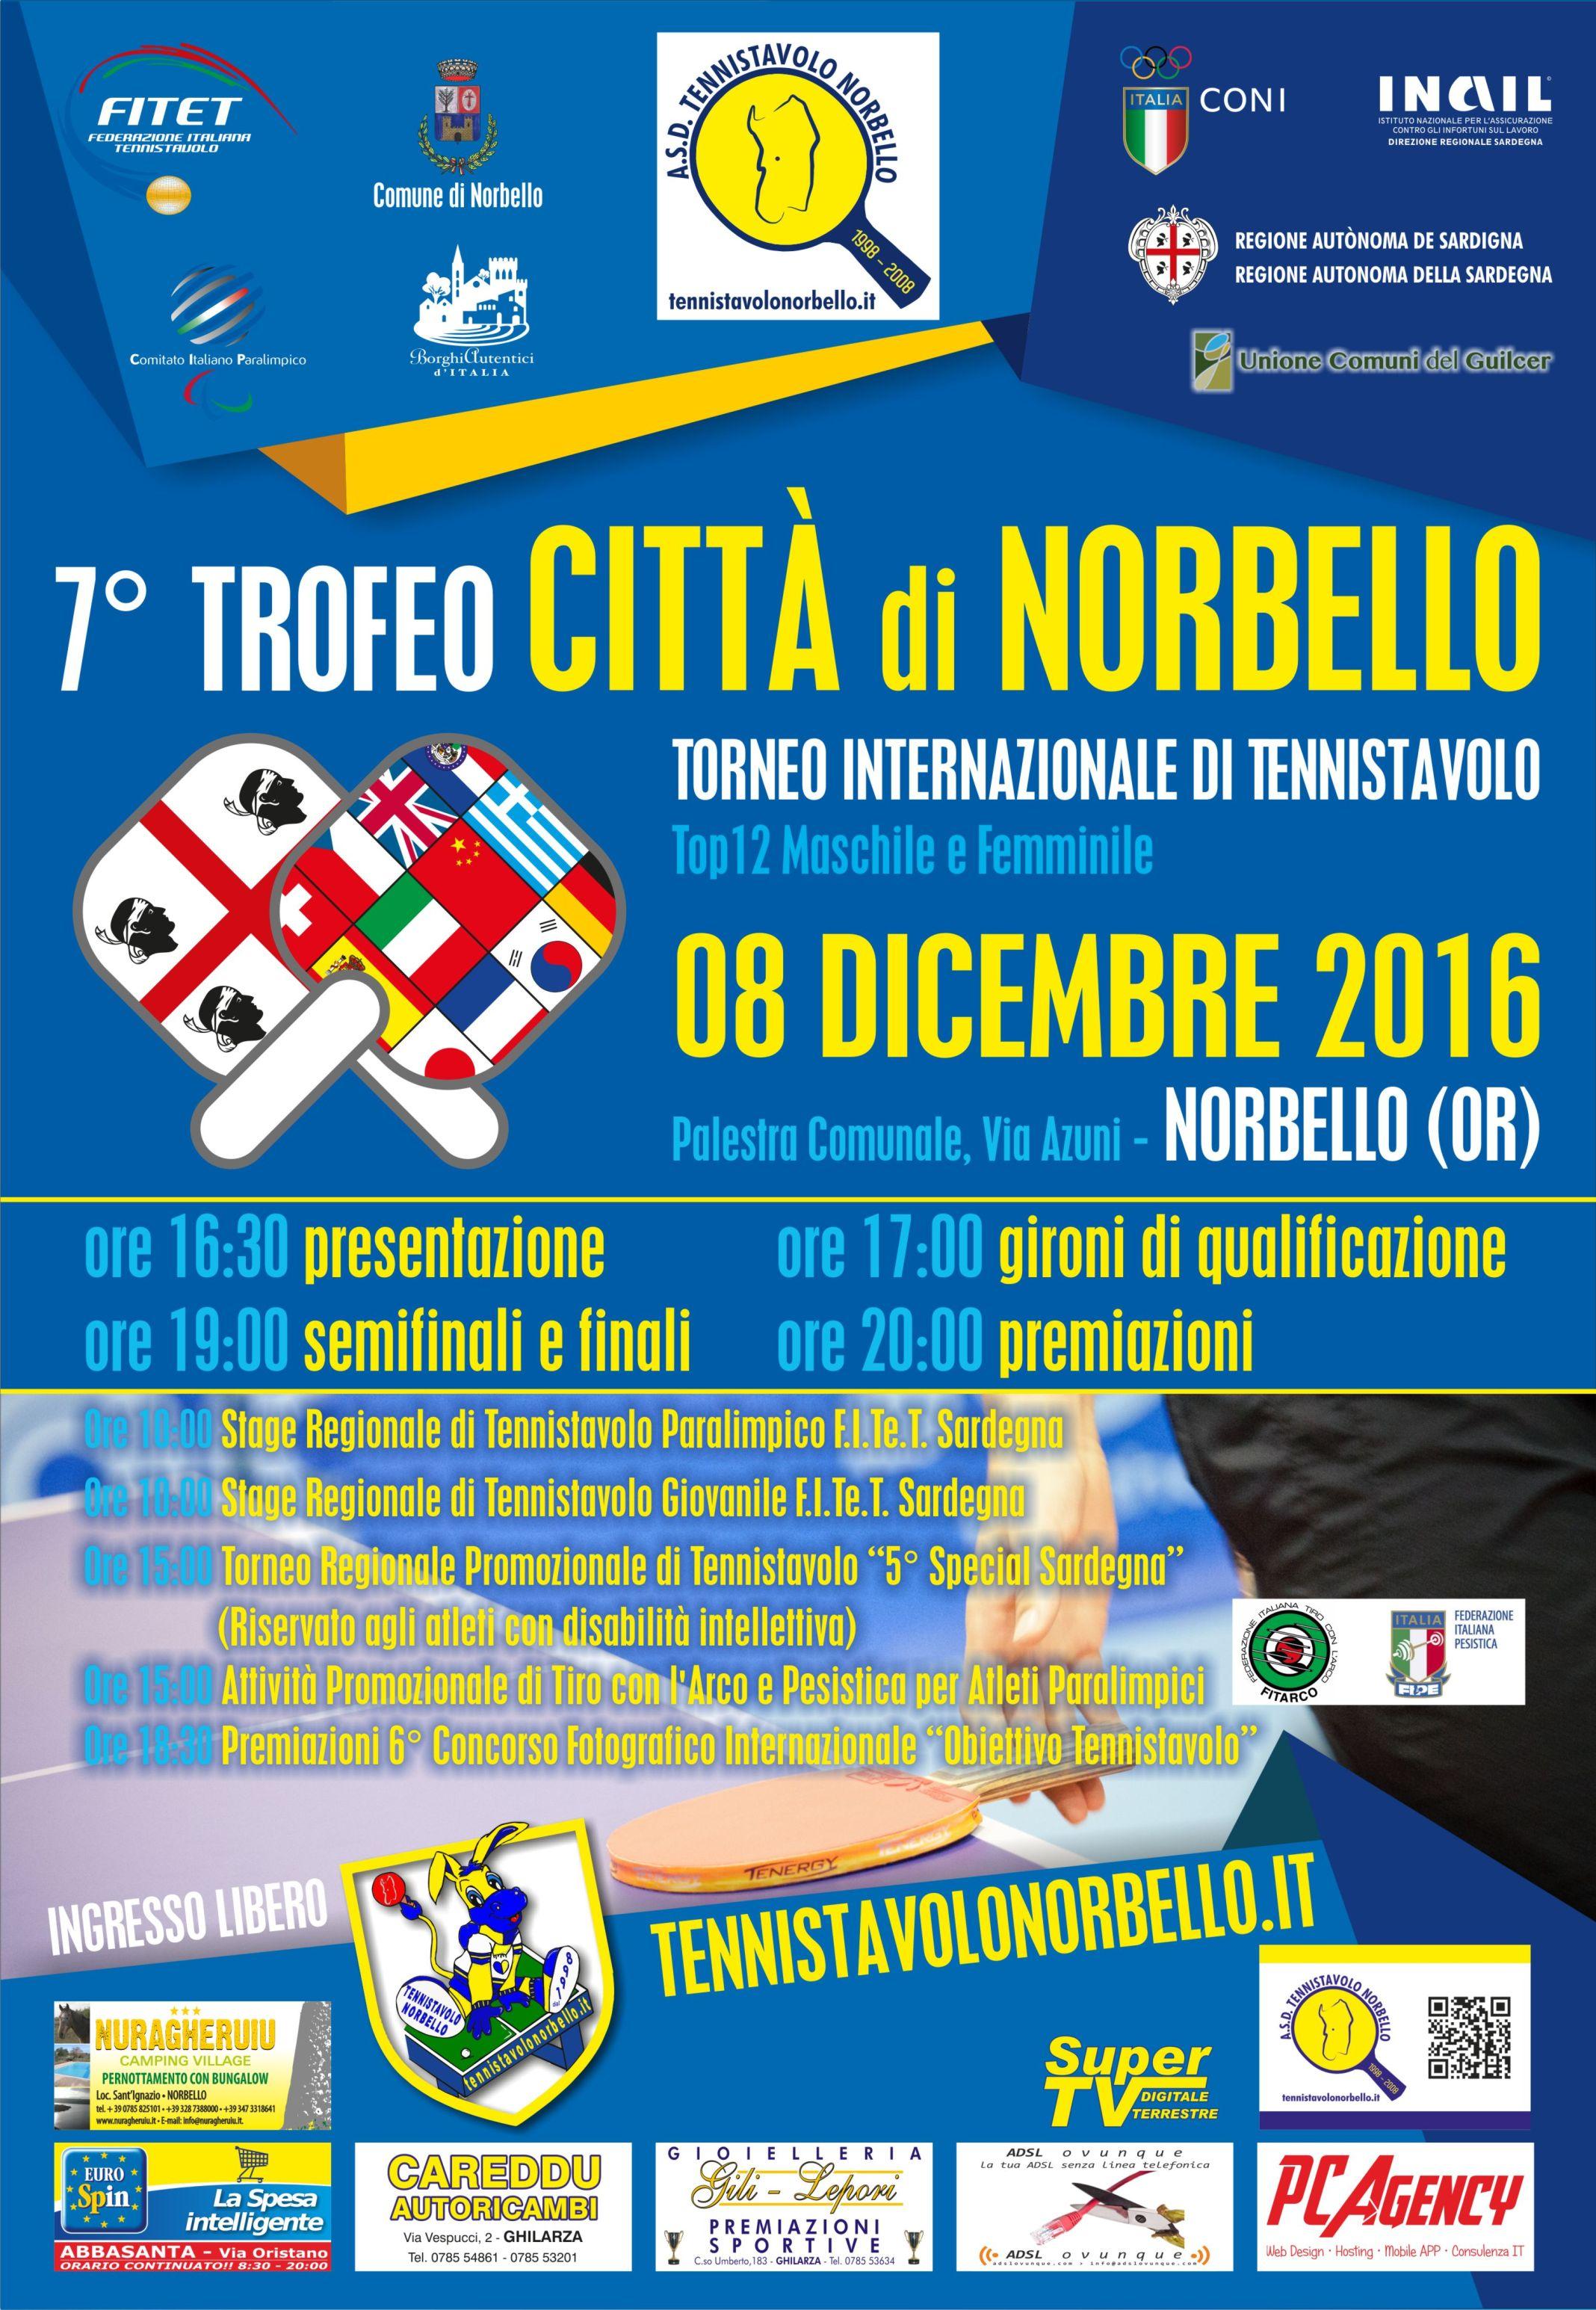 manifesto-7-trofeo-citta-di-norbello-2016